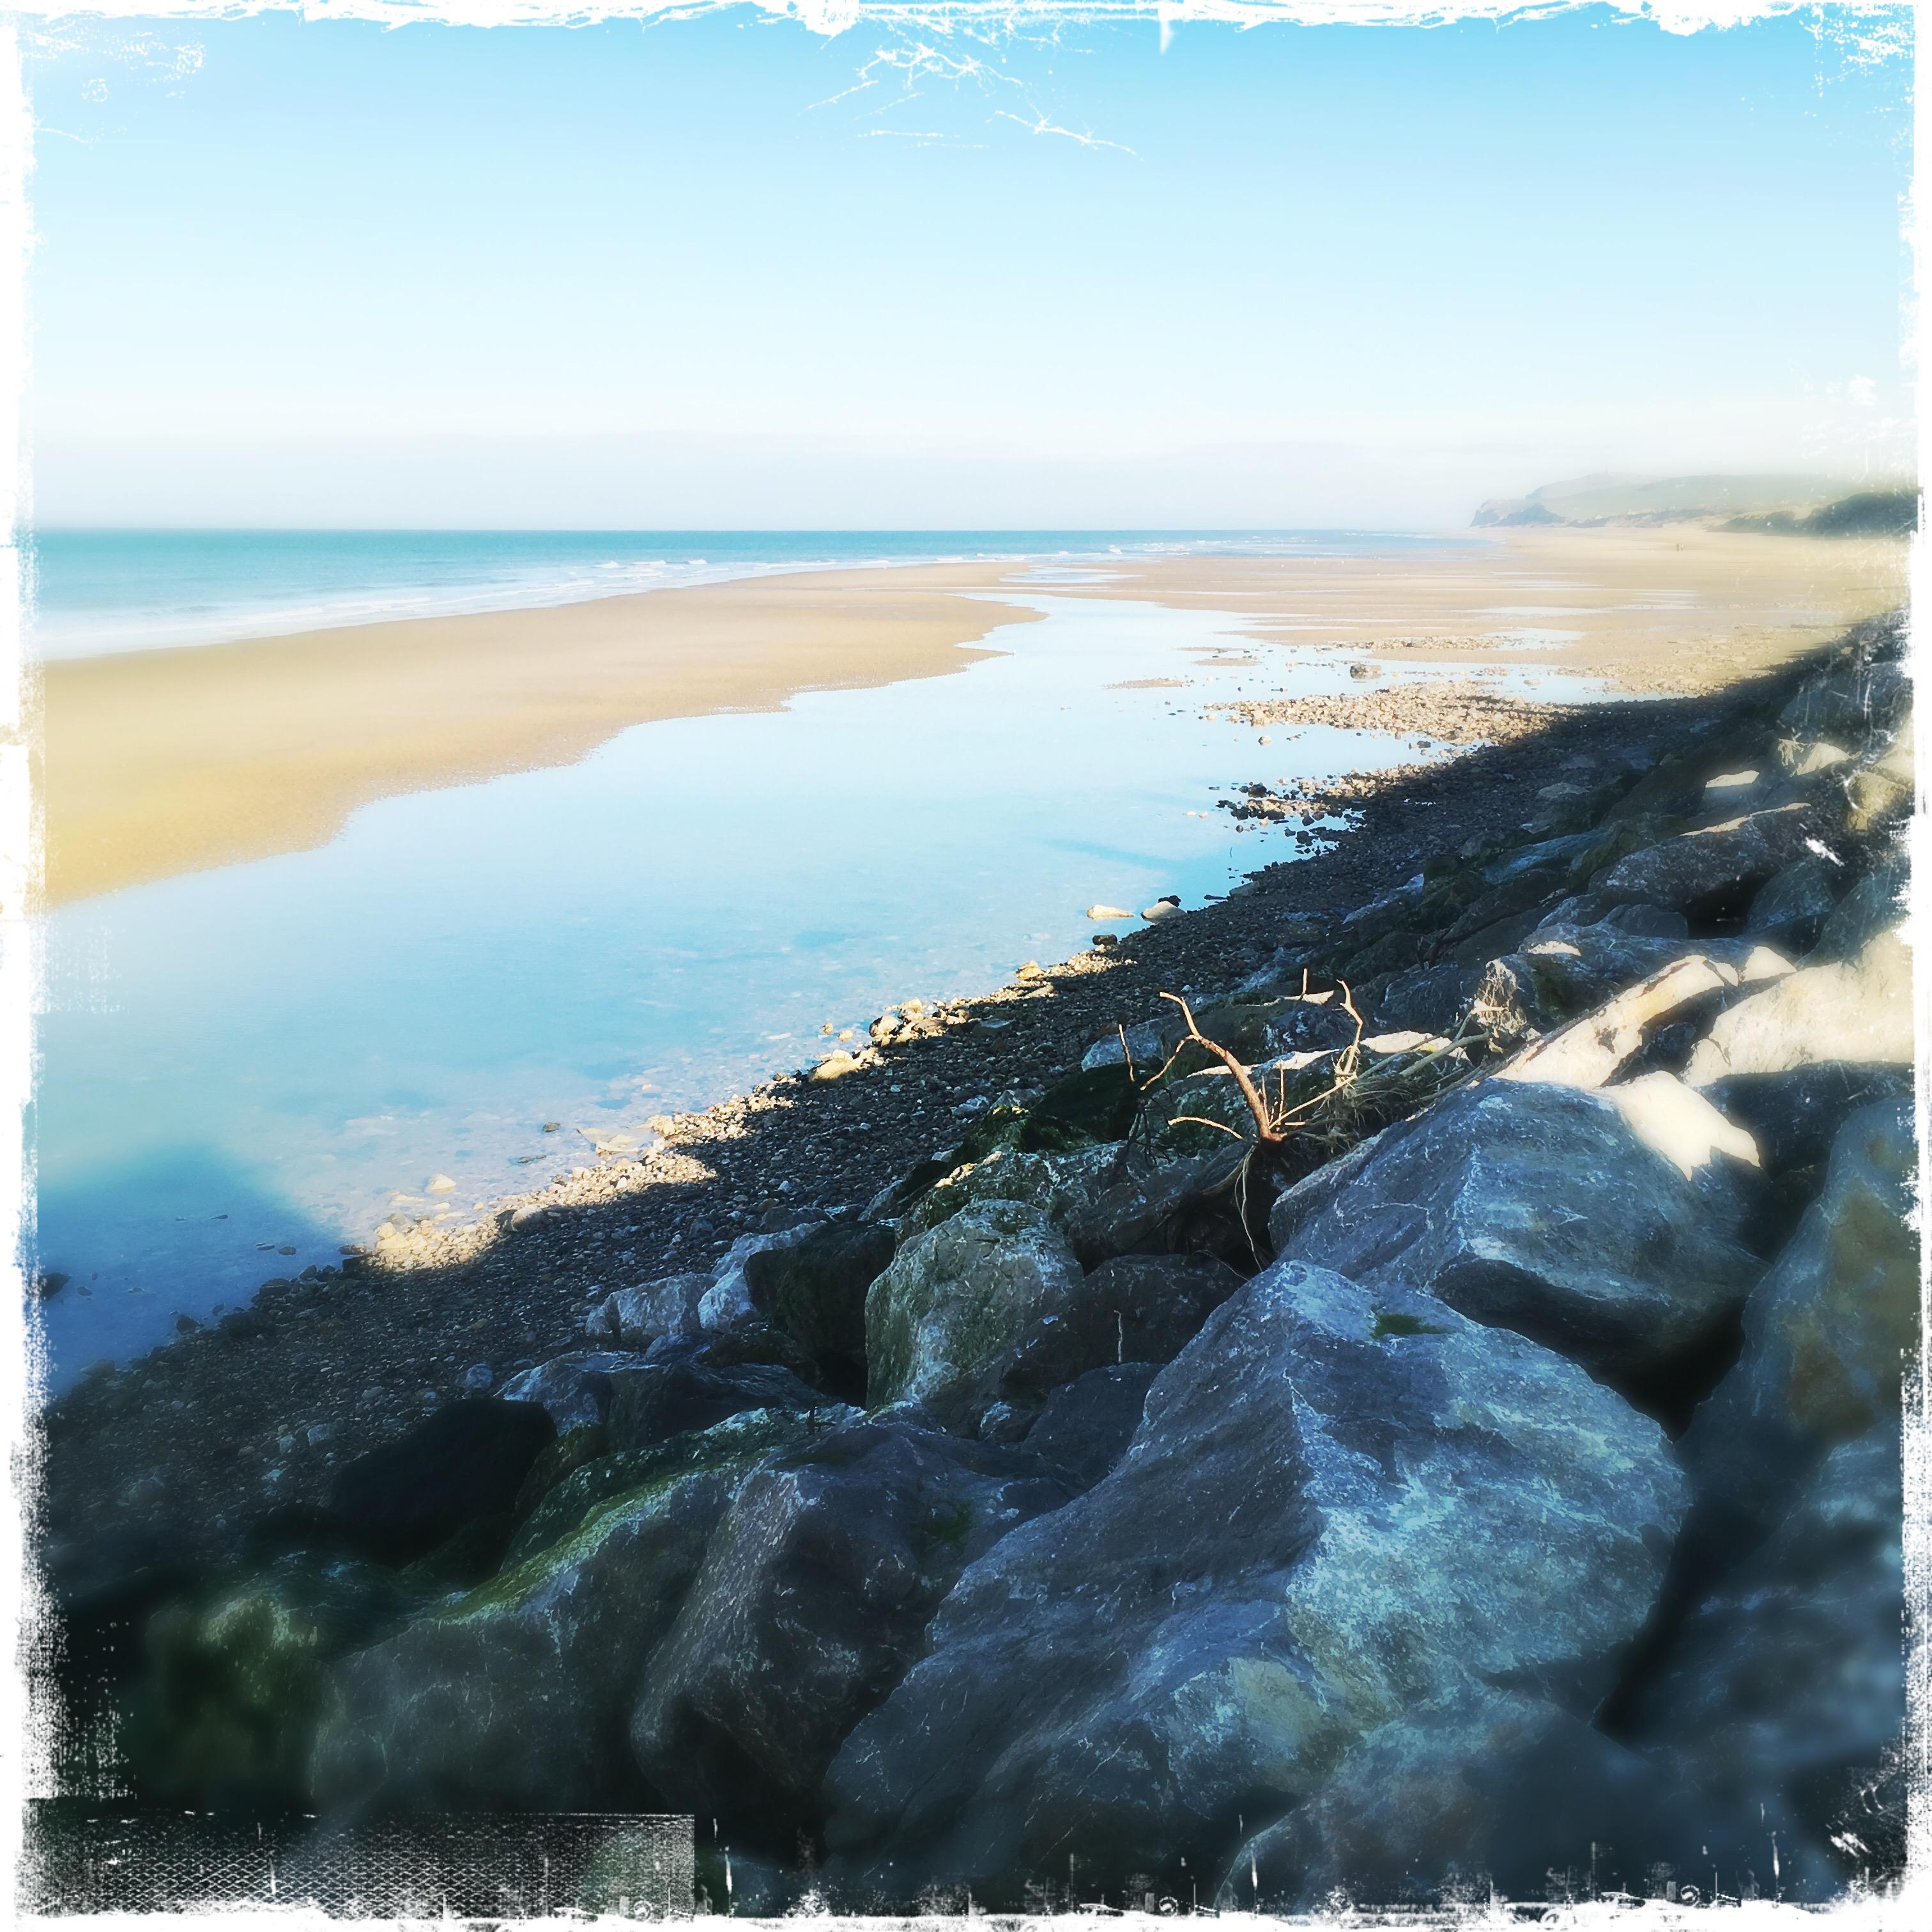 Plage de Wissant, Nord-Pas-De-Calais